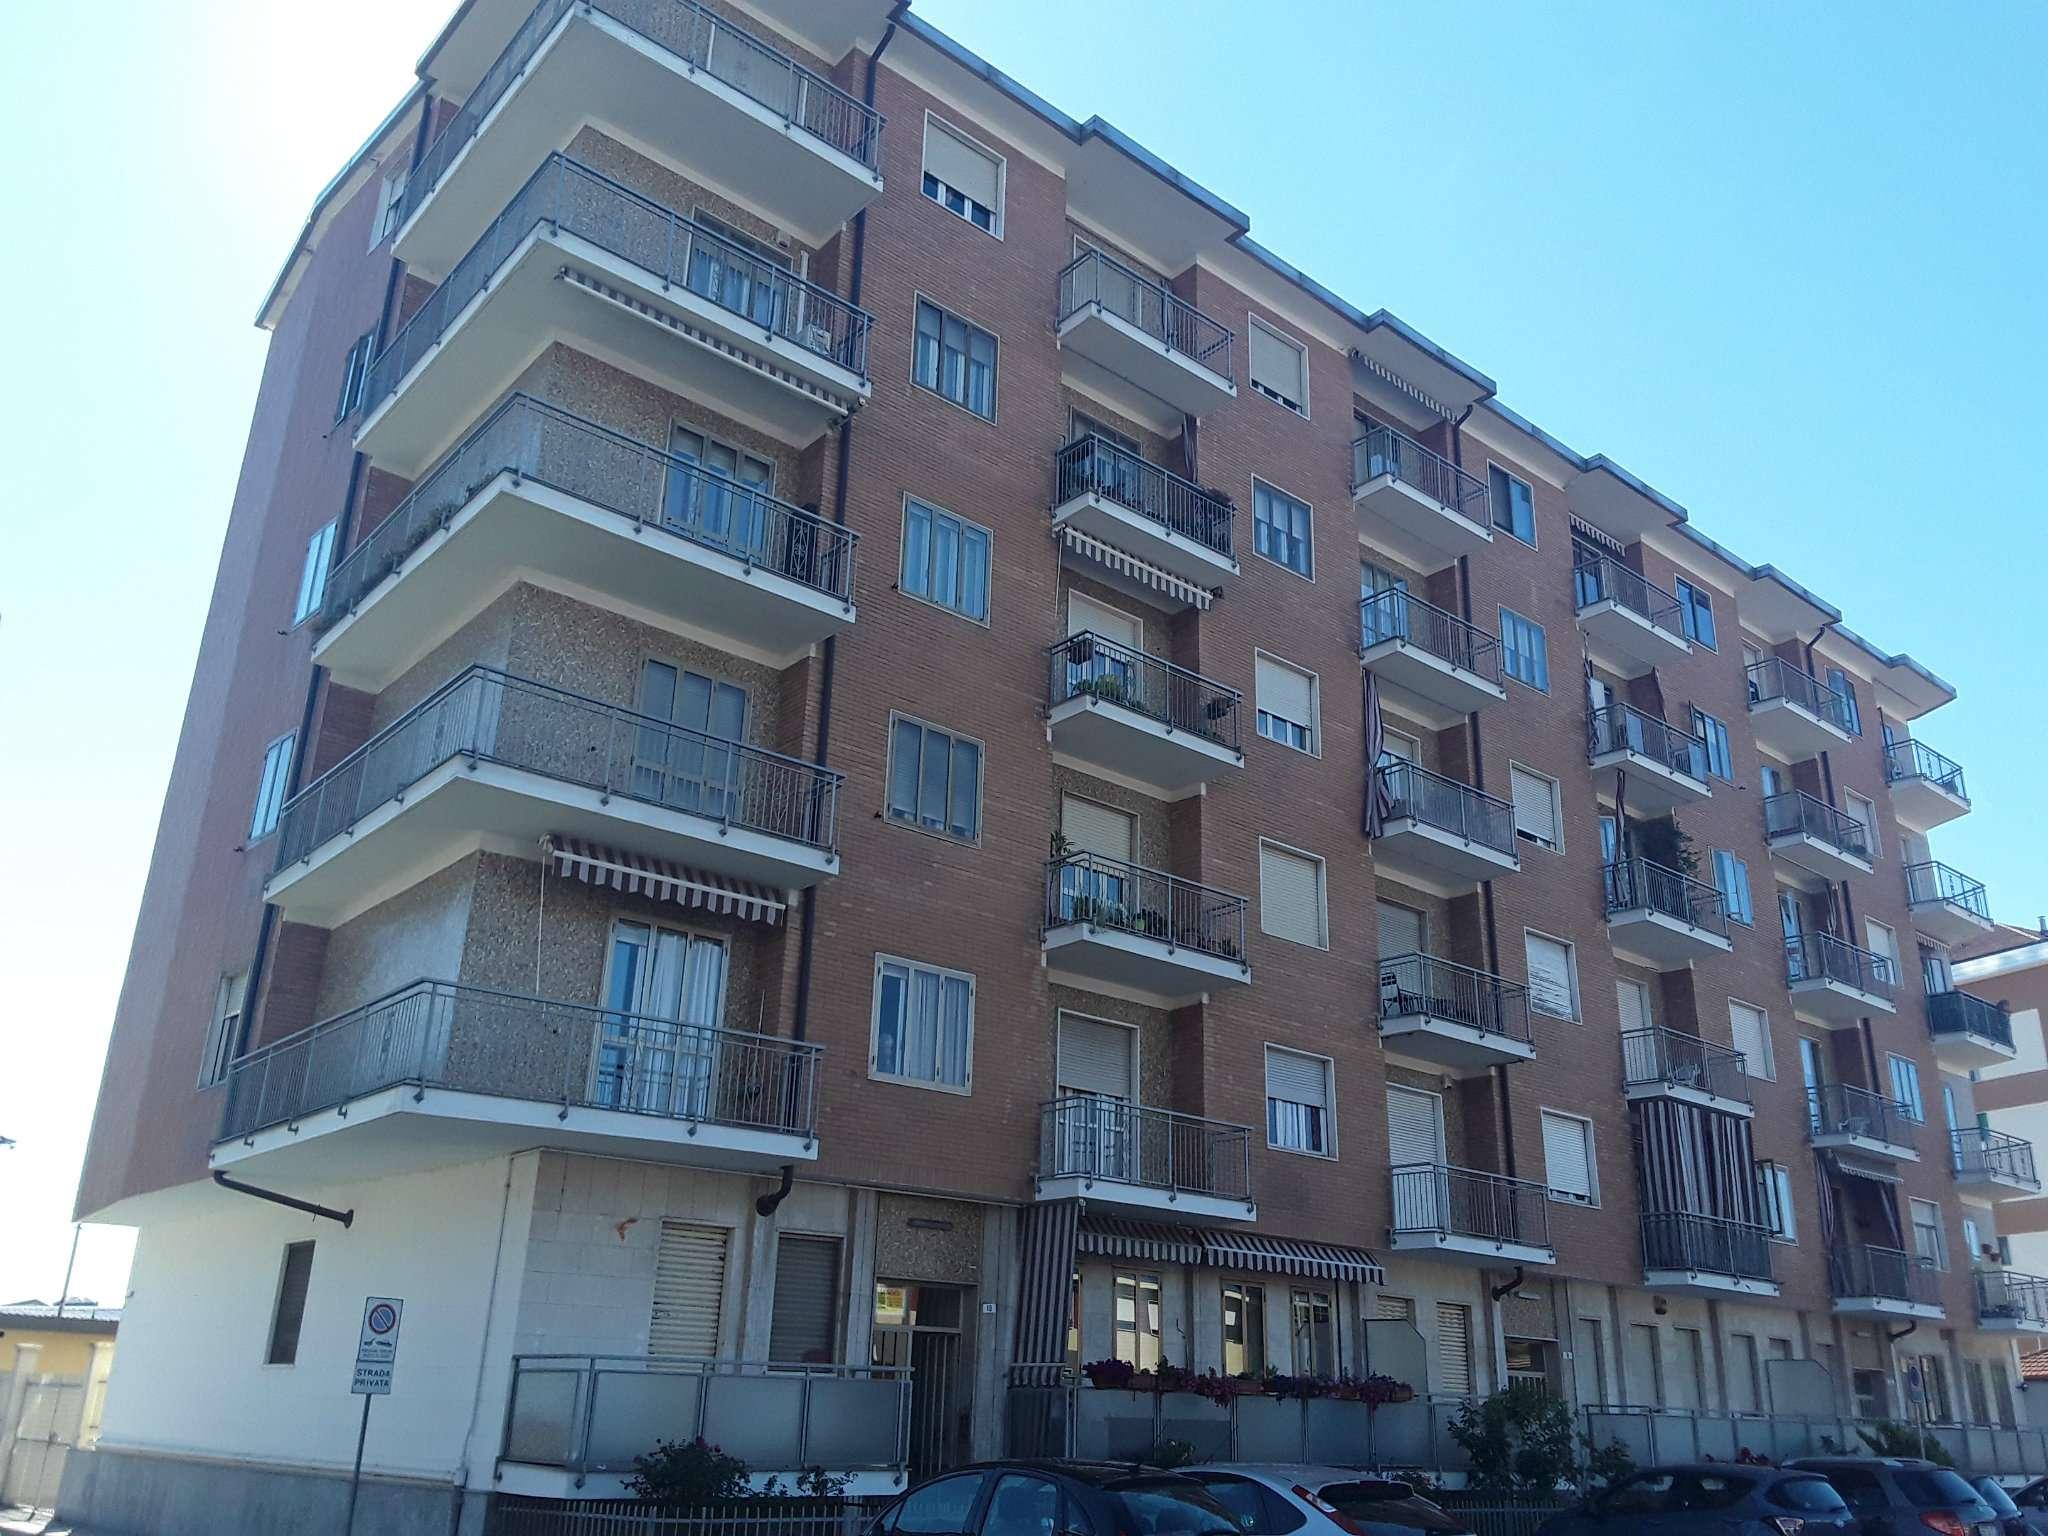 Appartamento in vendita a Alpignano, 3 locali, prezzo € 85.000 | CambioCasa.it